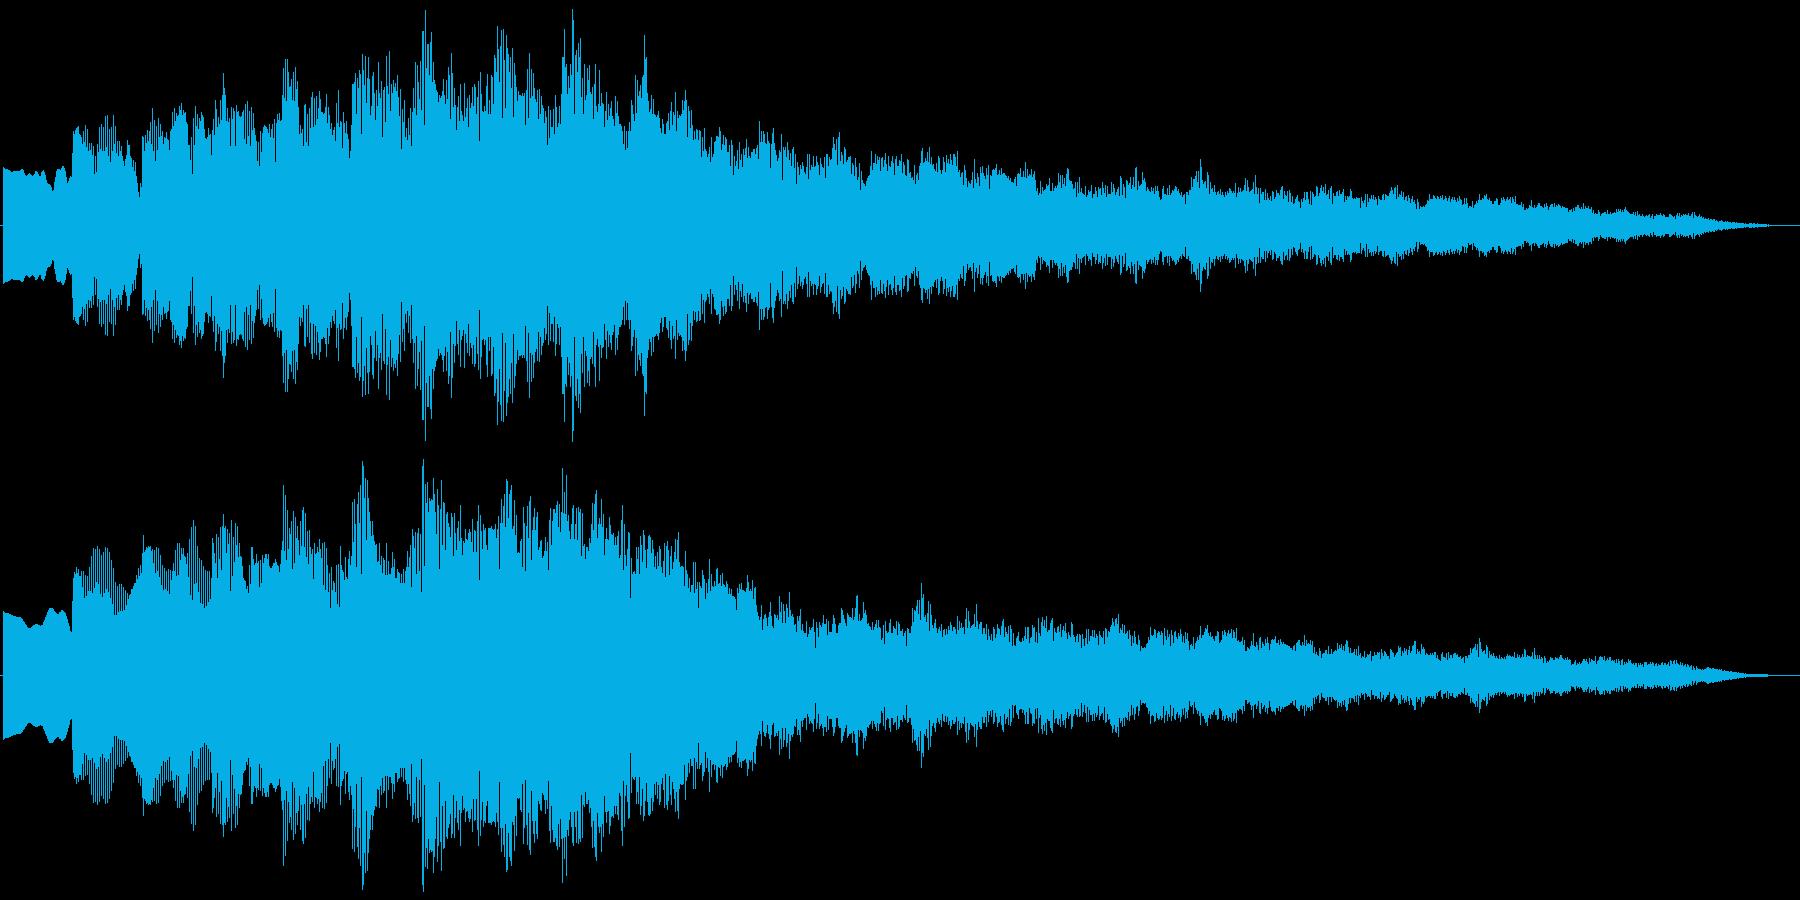 キラキラリーン上昇(ウィンドチャイム風)の再生済みの波形